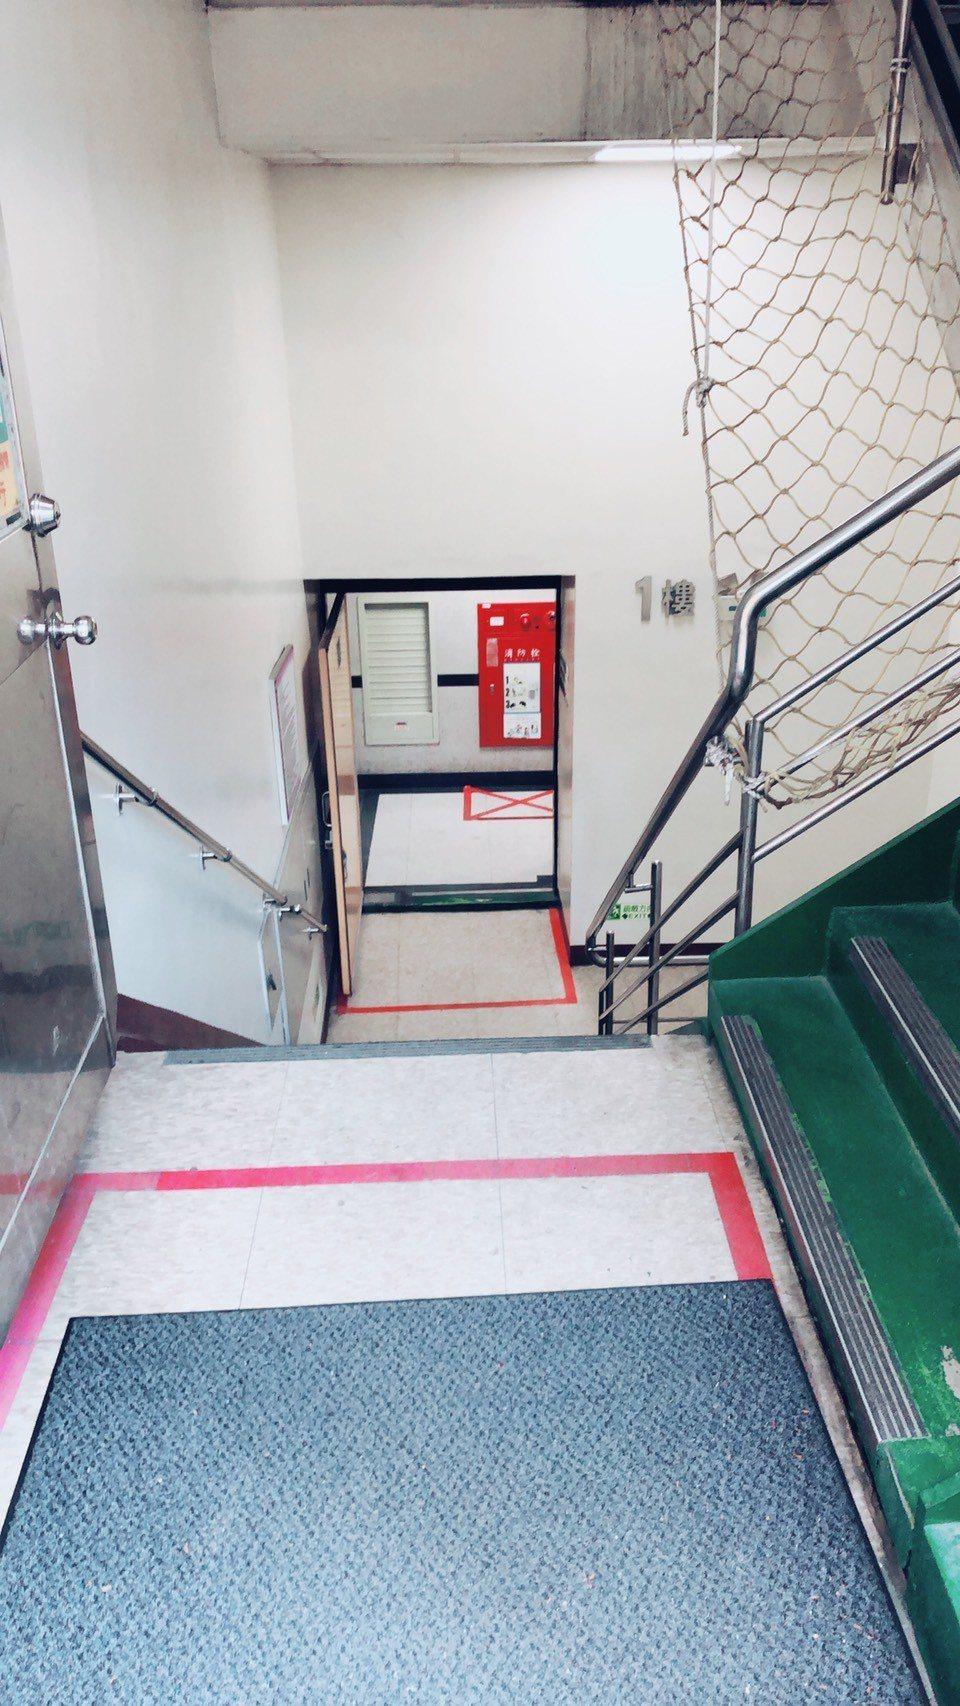 議員王欣儀指出,身障者要繳費無障礙空間不足竟要走樓梯才行。圖/王欣儀提供